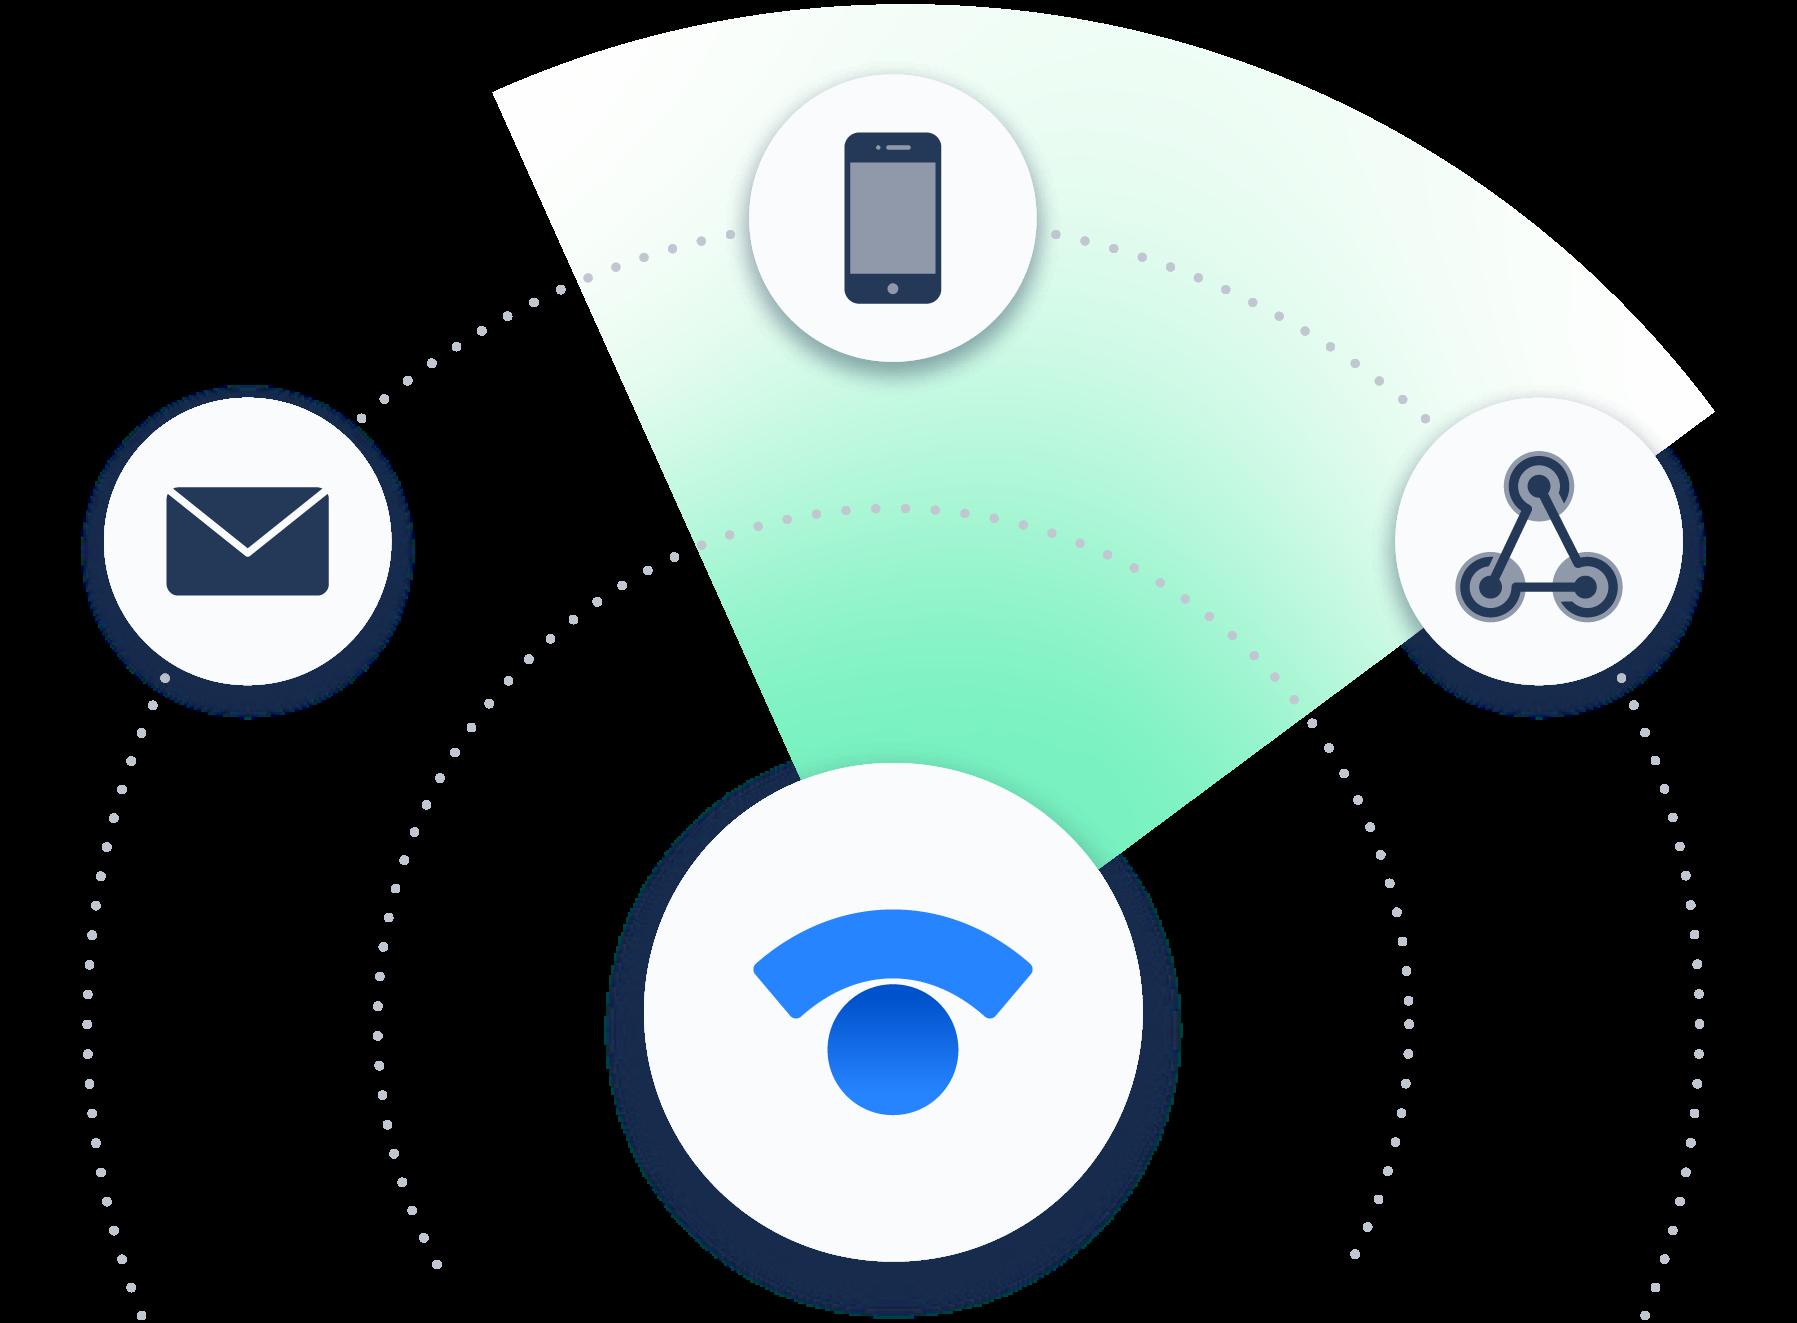 Icono de Statuspage con iconos de comunicación (por ejemplo, correo electrónico y teléfono) a su alrededor